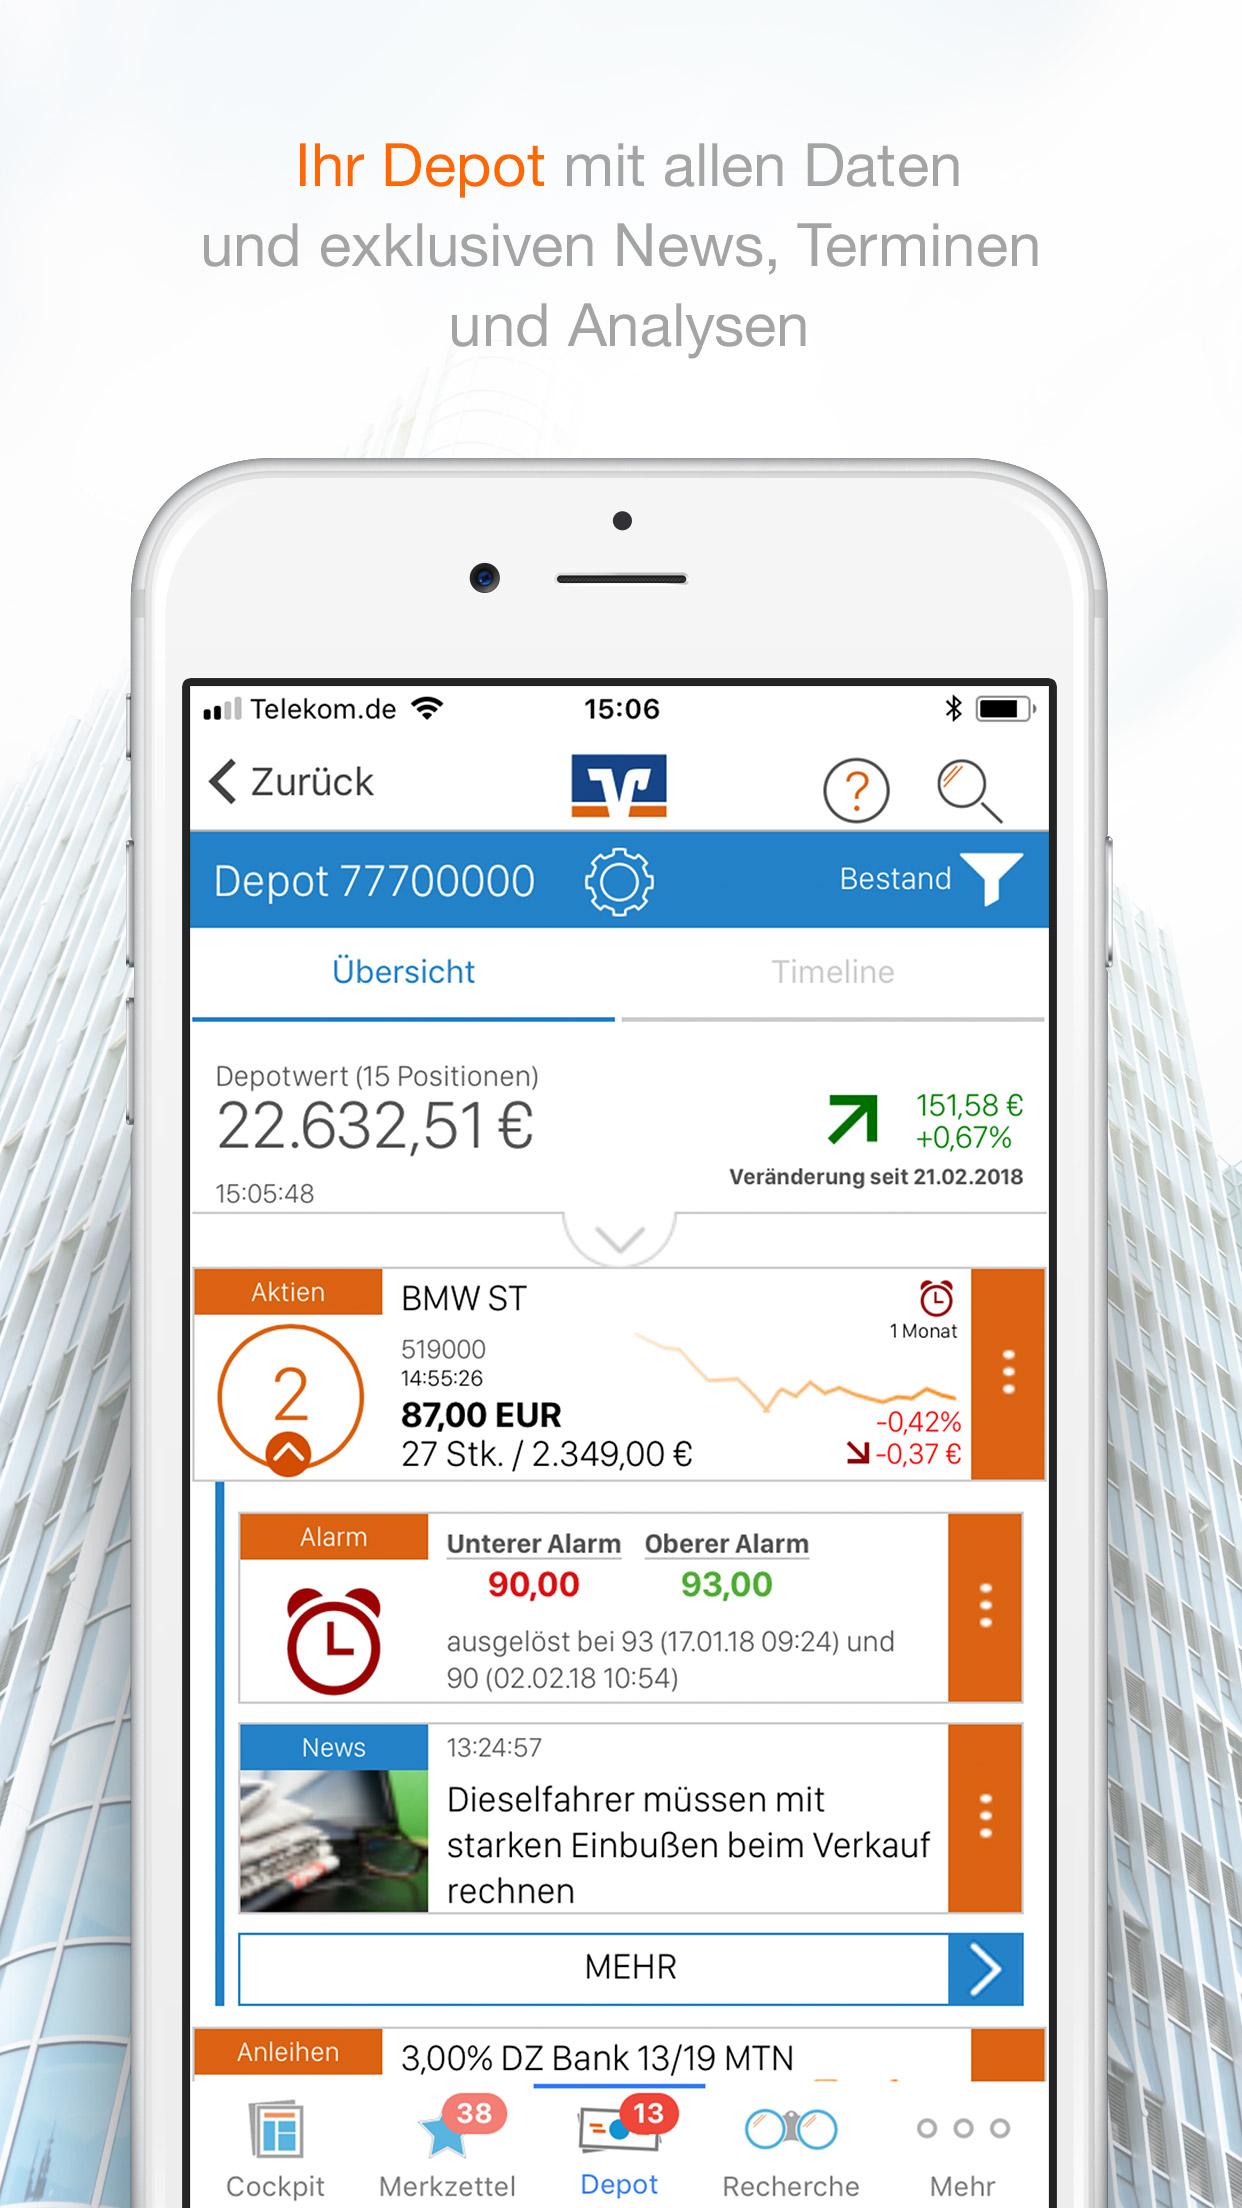 DepotPlus-App - Finanznavigator - VR Bank Main-Kinzig-Büdingen eG